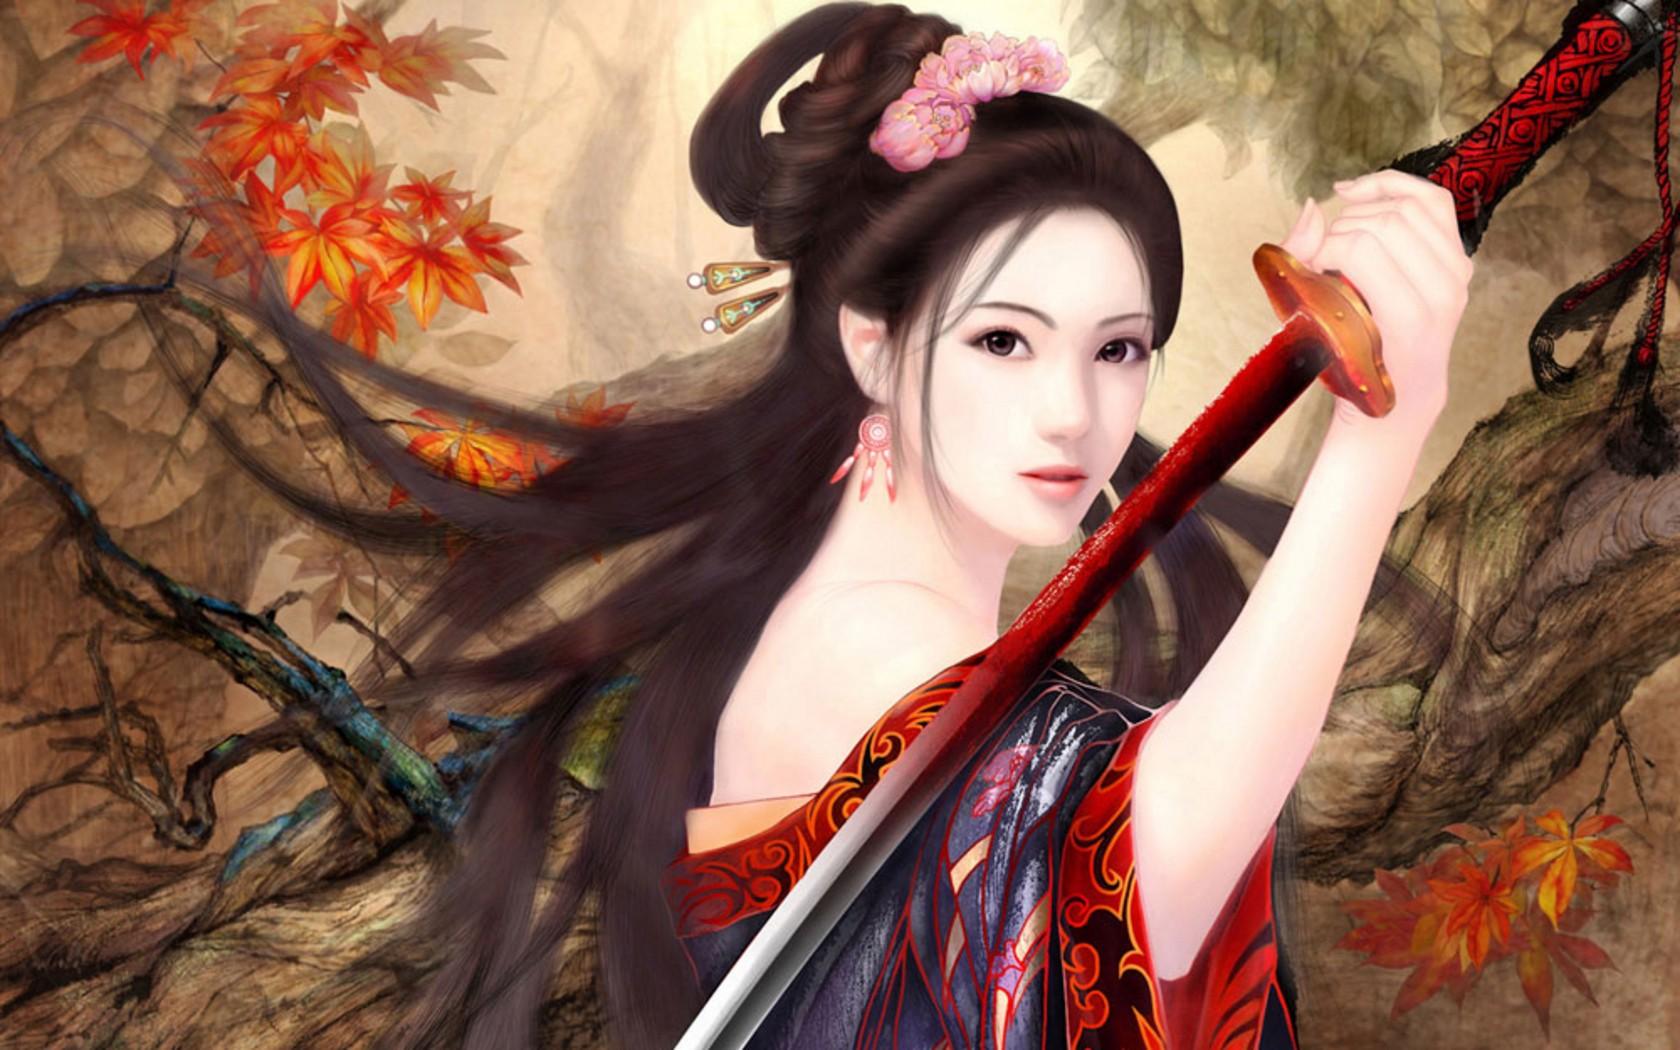 Chica de anime - 1680x1050